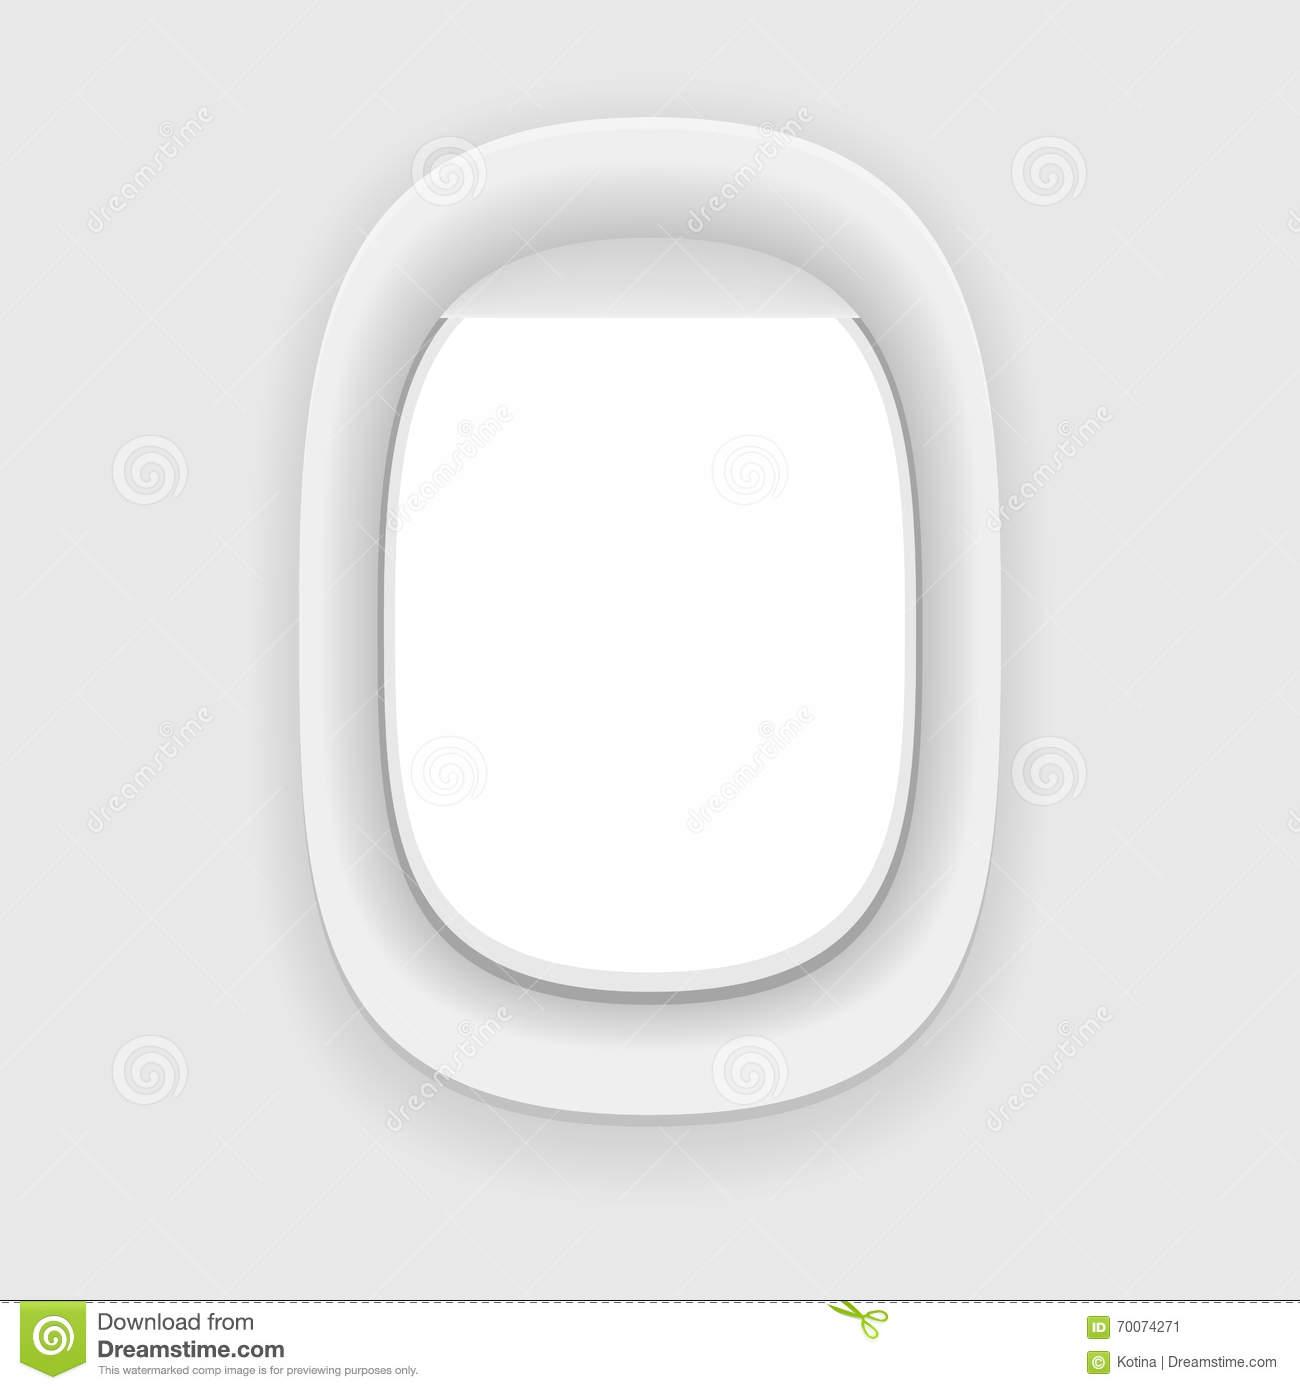 Aircraft Window. Plane Porthole Isolated. Stock Illustration.